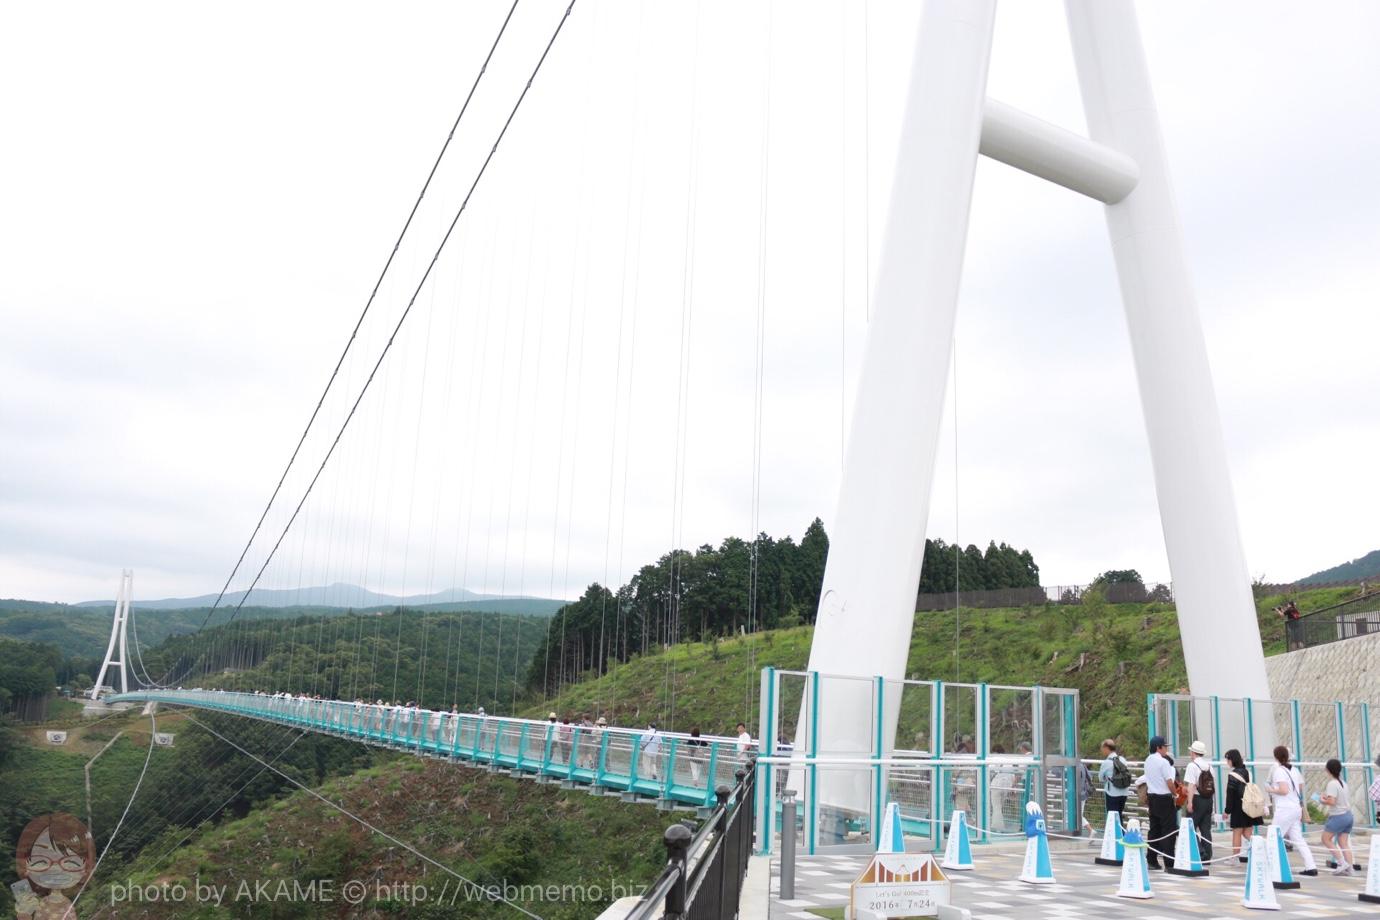 静岡県「三島スカイウォーク」に行くなら快晴の日が絶対におすすめ!